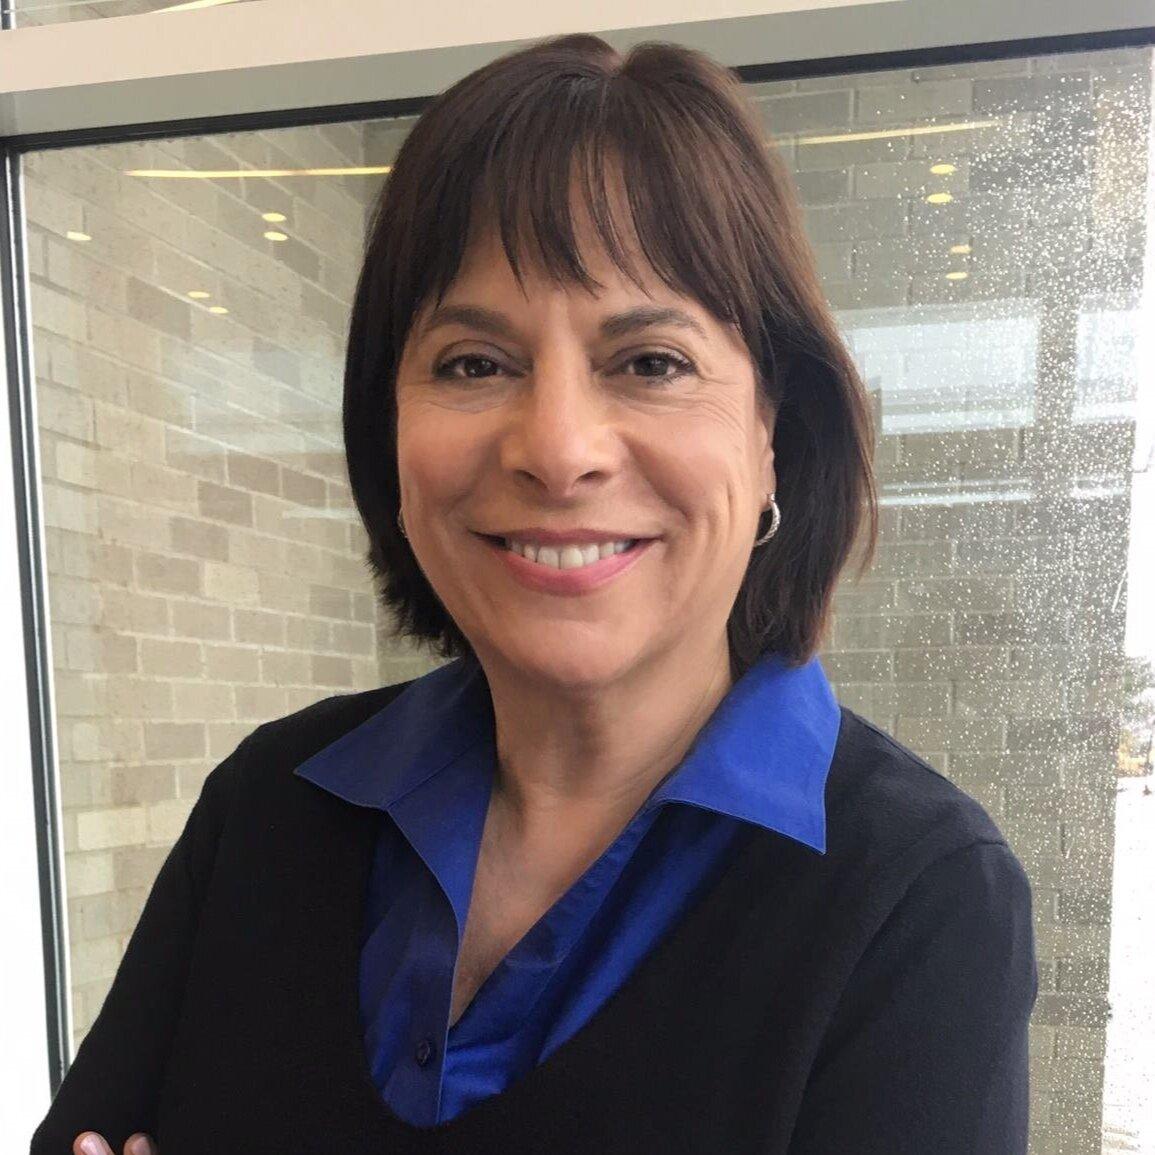 Francesca Hagadus-McHale -  Francesca Hagadus Democrat for Mount Pleasant Town Board